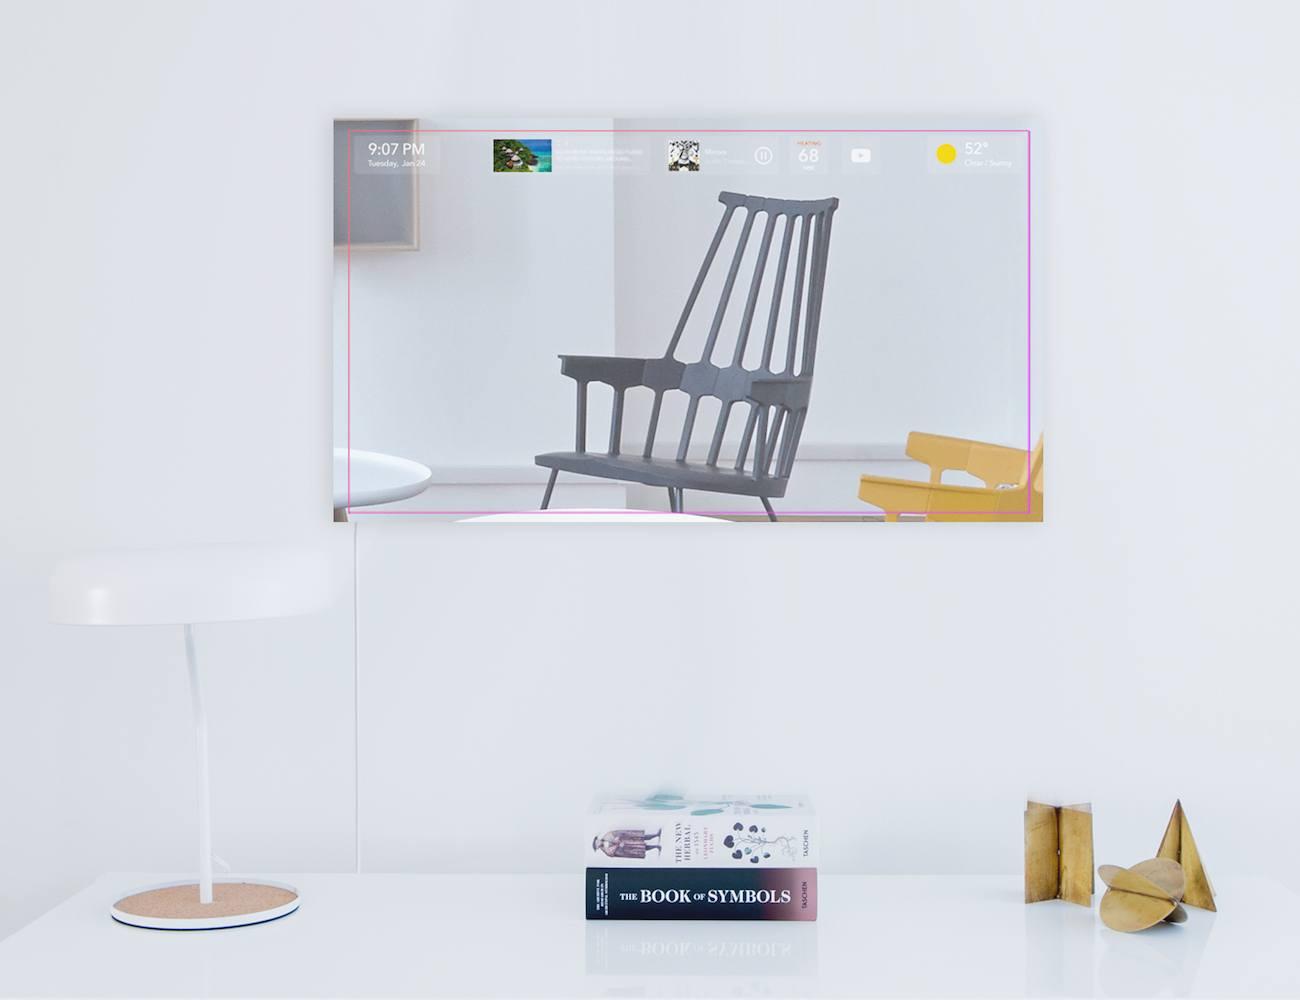 Duo Home AI Computer